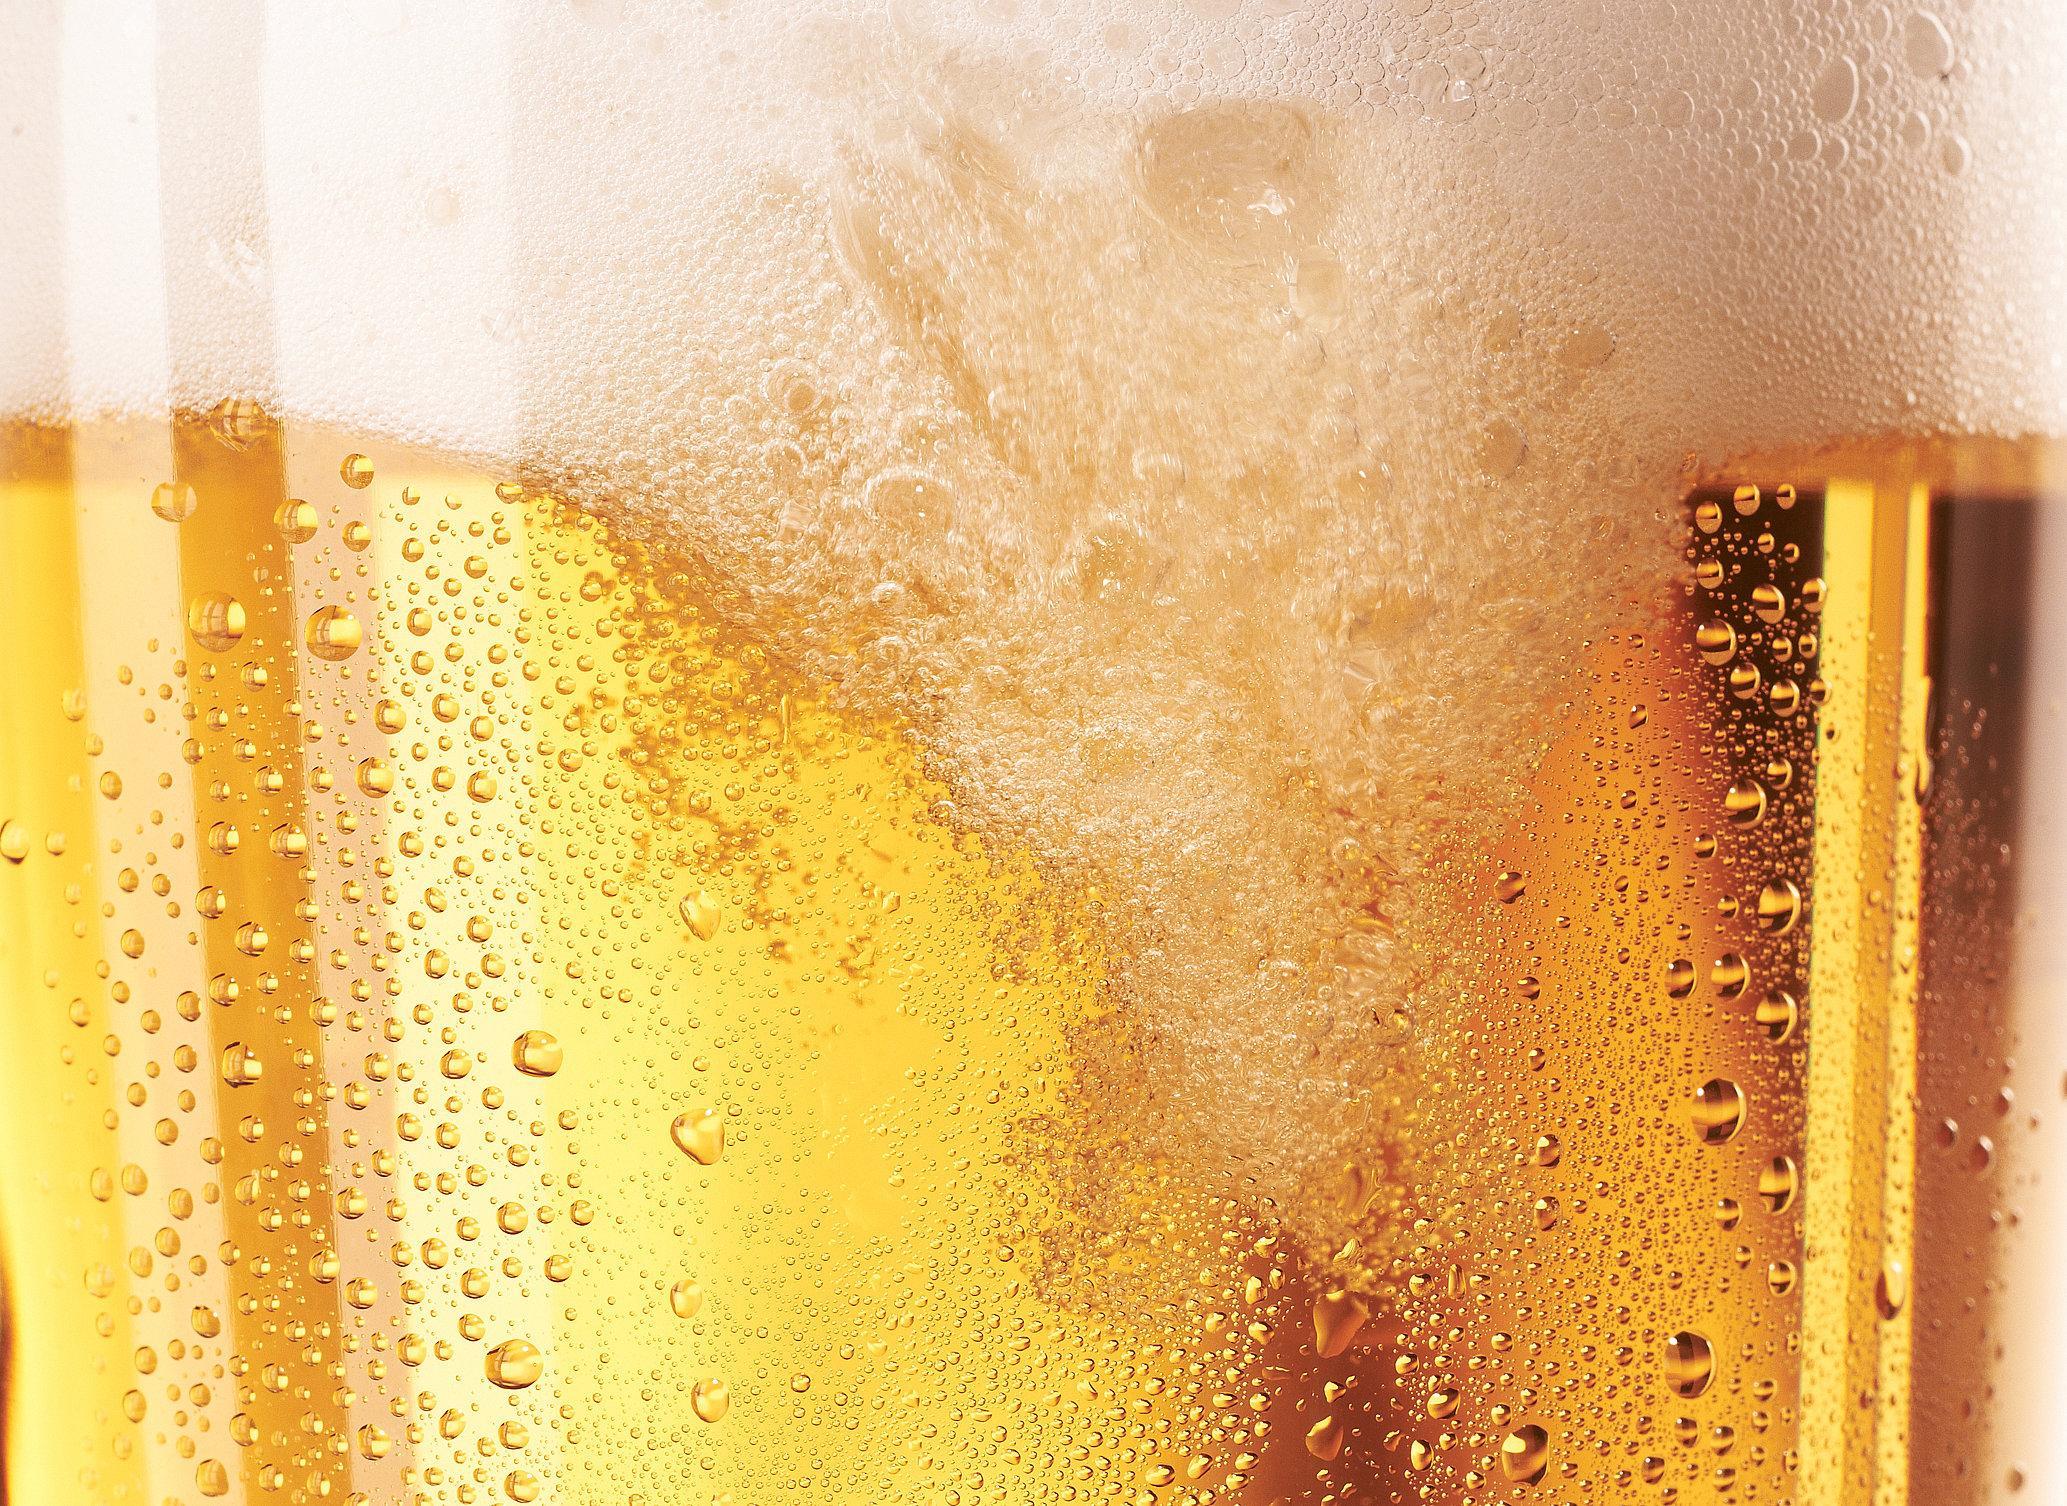 Bierschaum  im Glas in Nahaufnahme